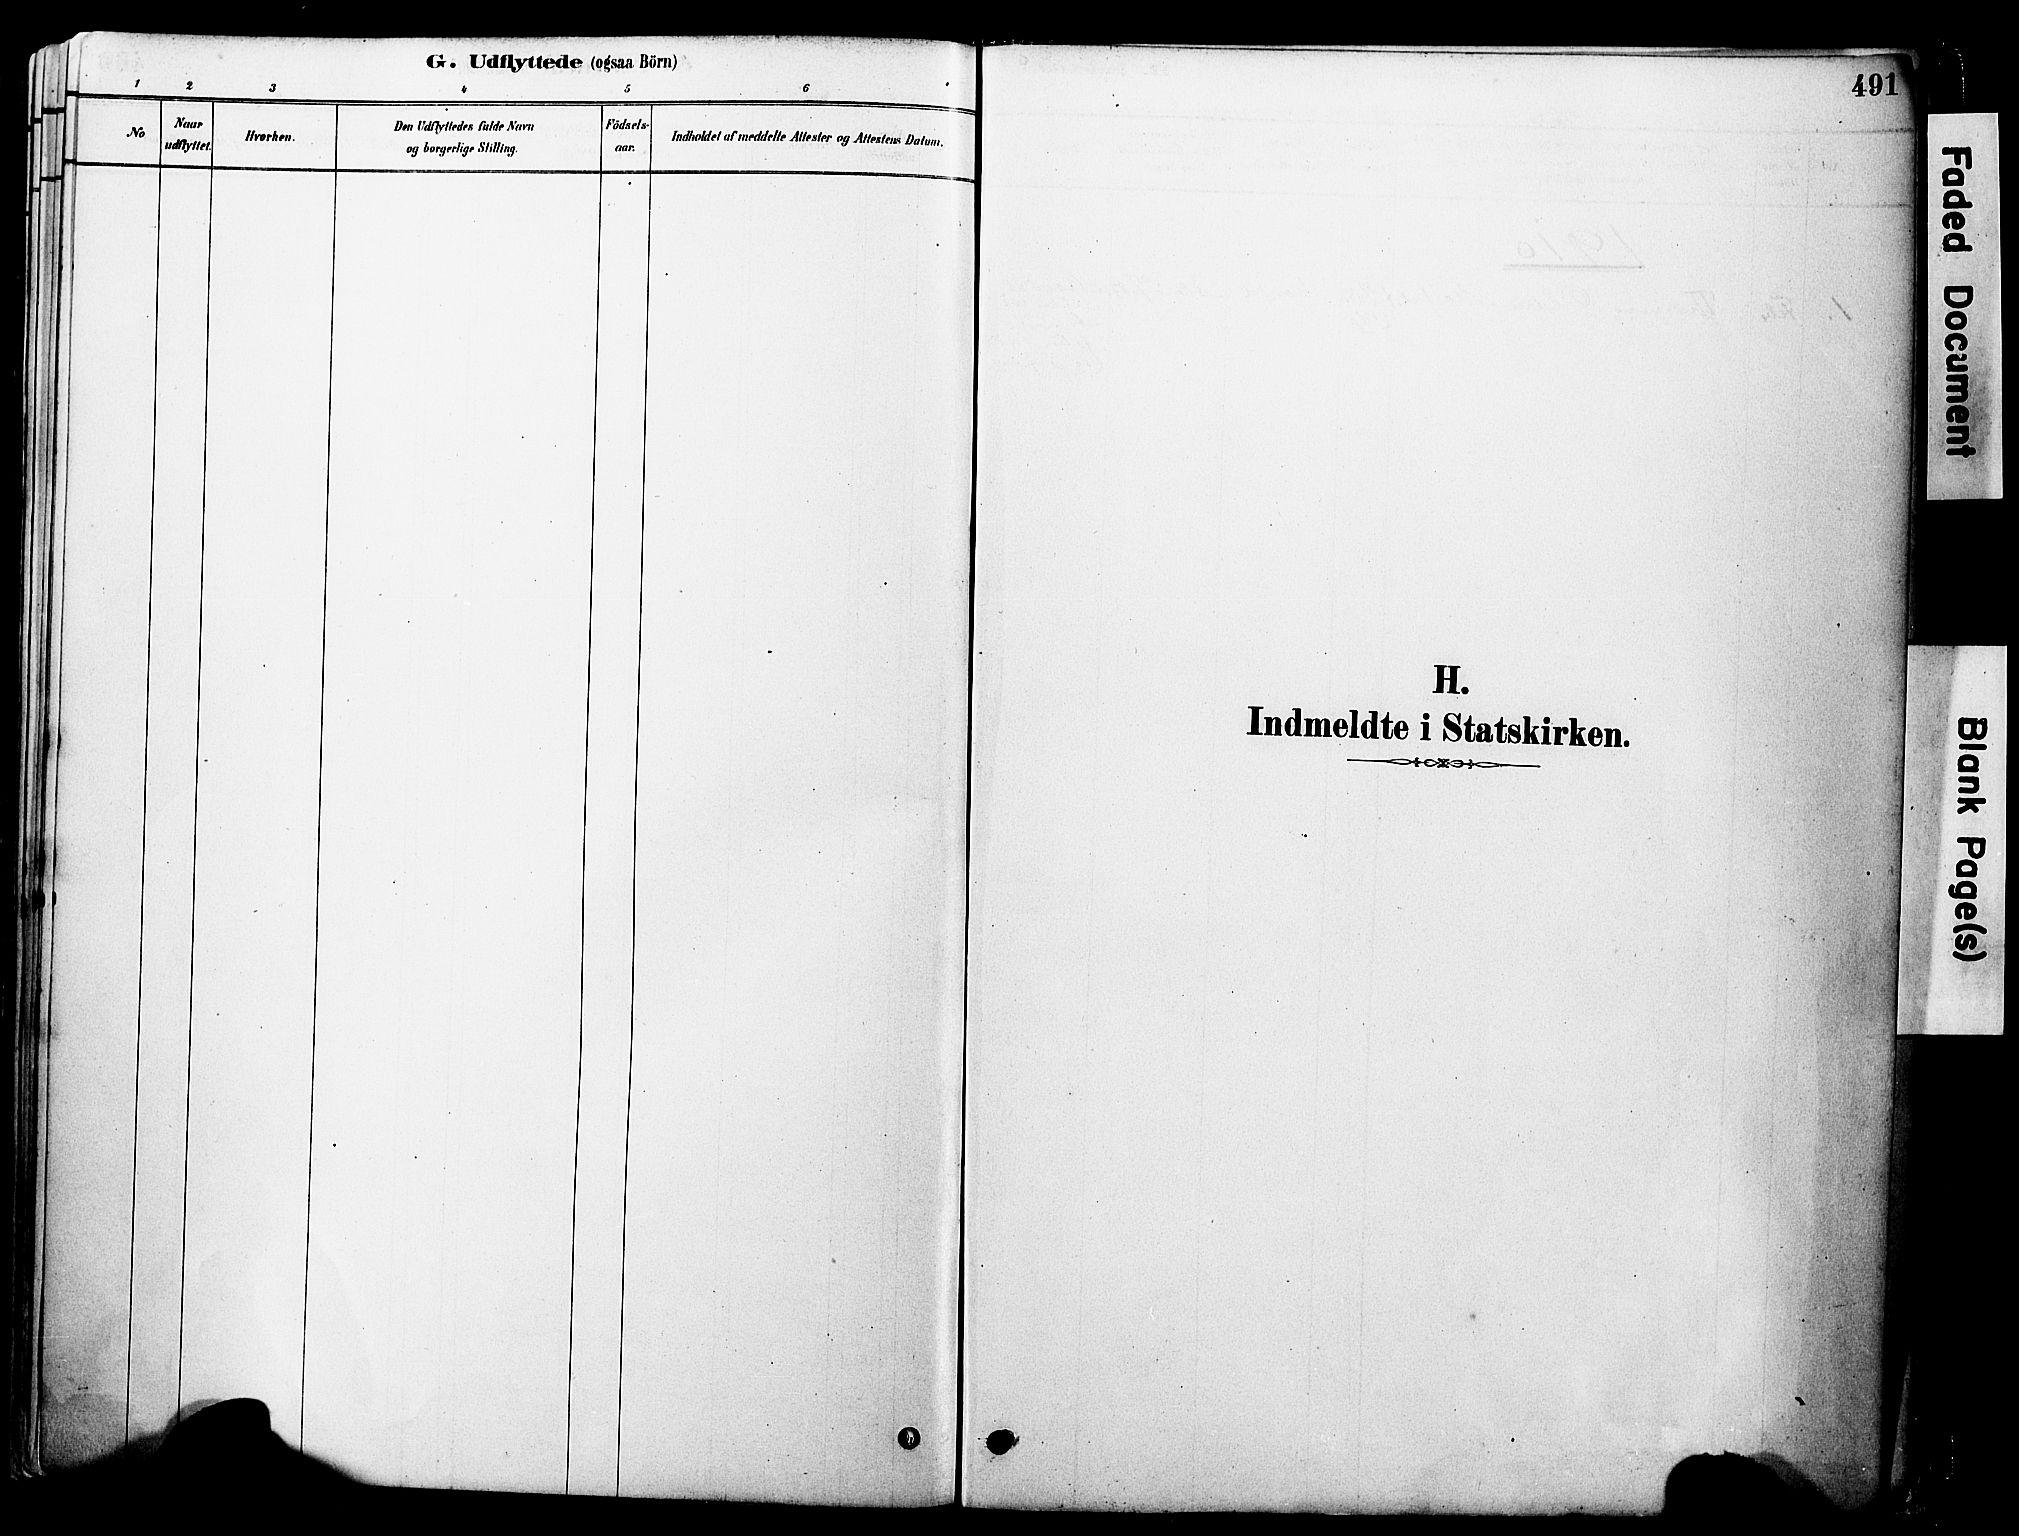 SAT, Ministerialprotokoller, klokkerbøker og fødselsregistre - Møre og Romsdal, 560/L0721: Ministerialbok nr. 560A05, 1878-1917, s. 491